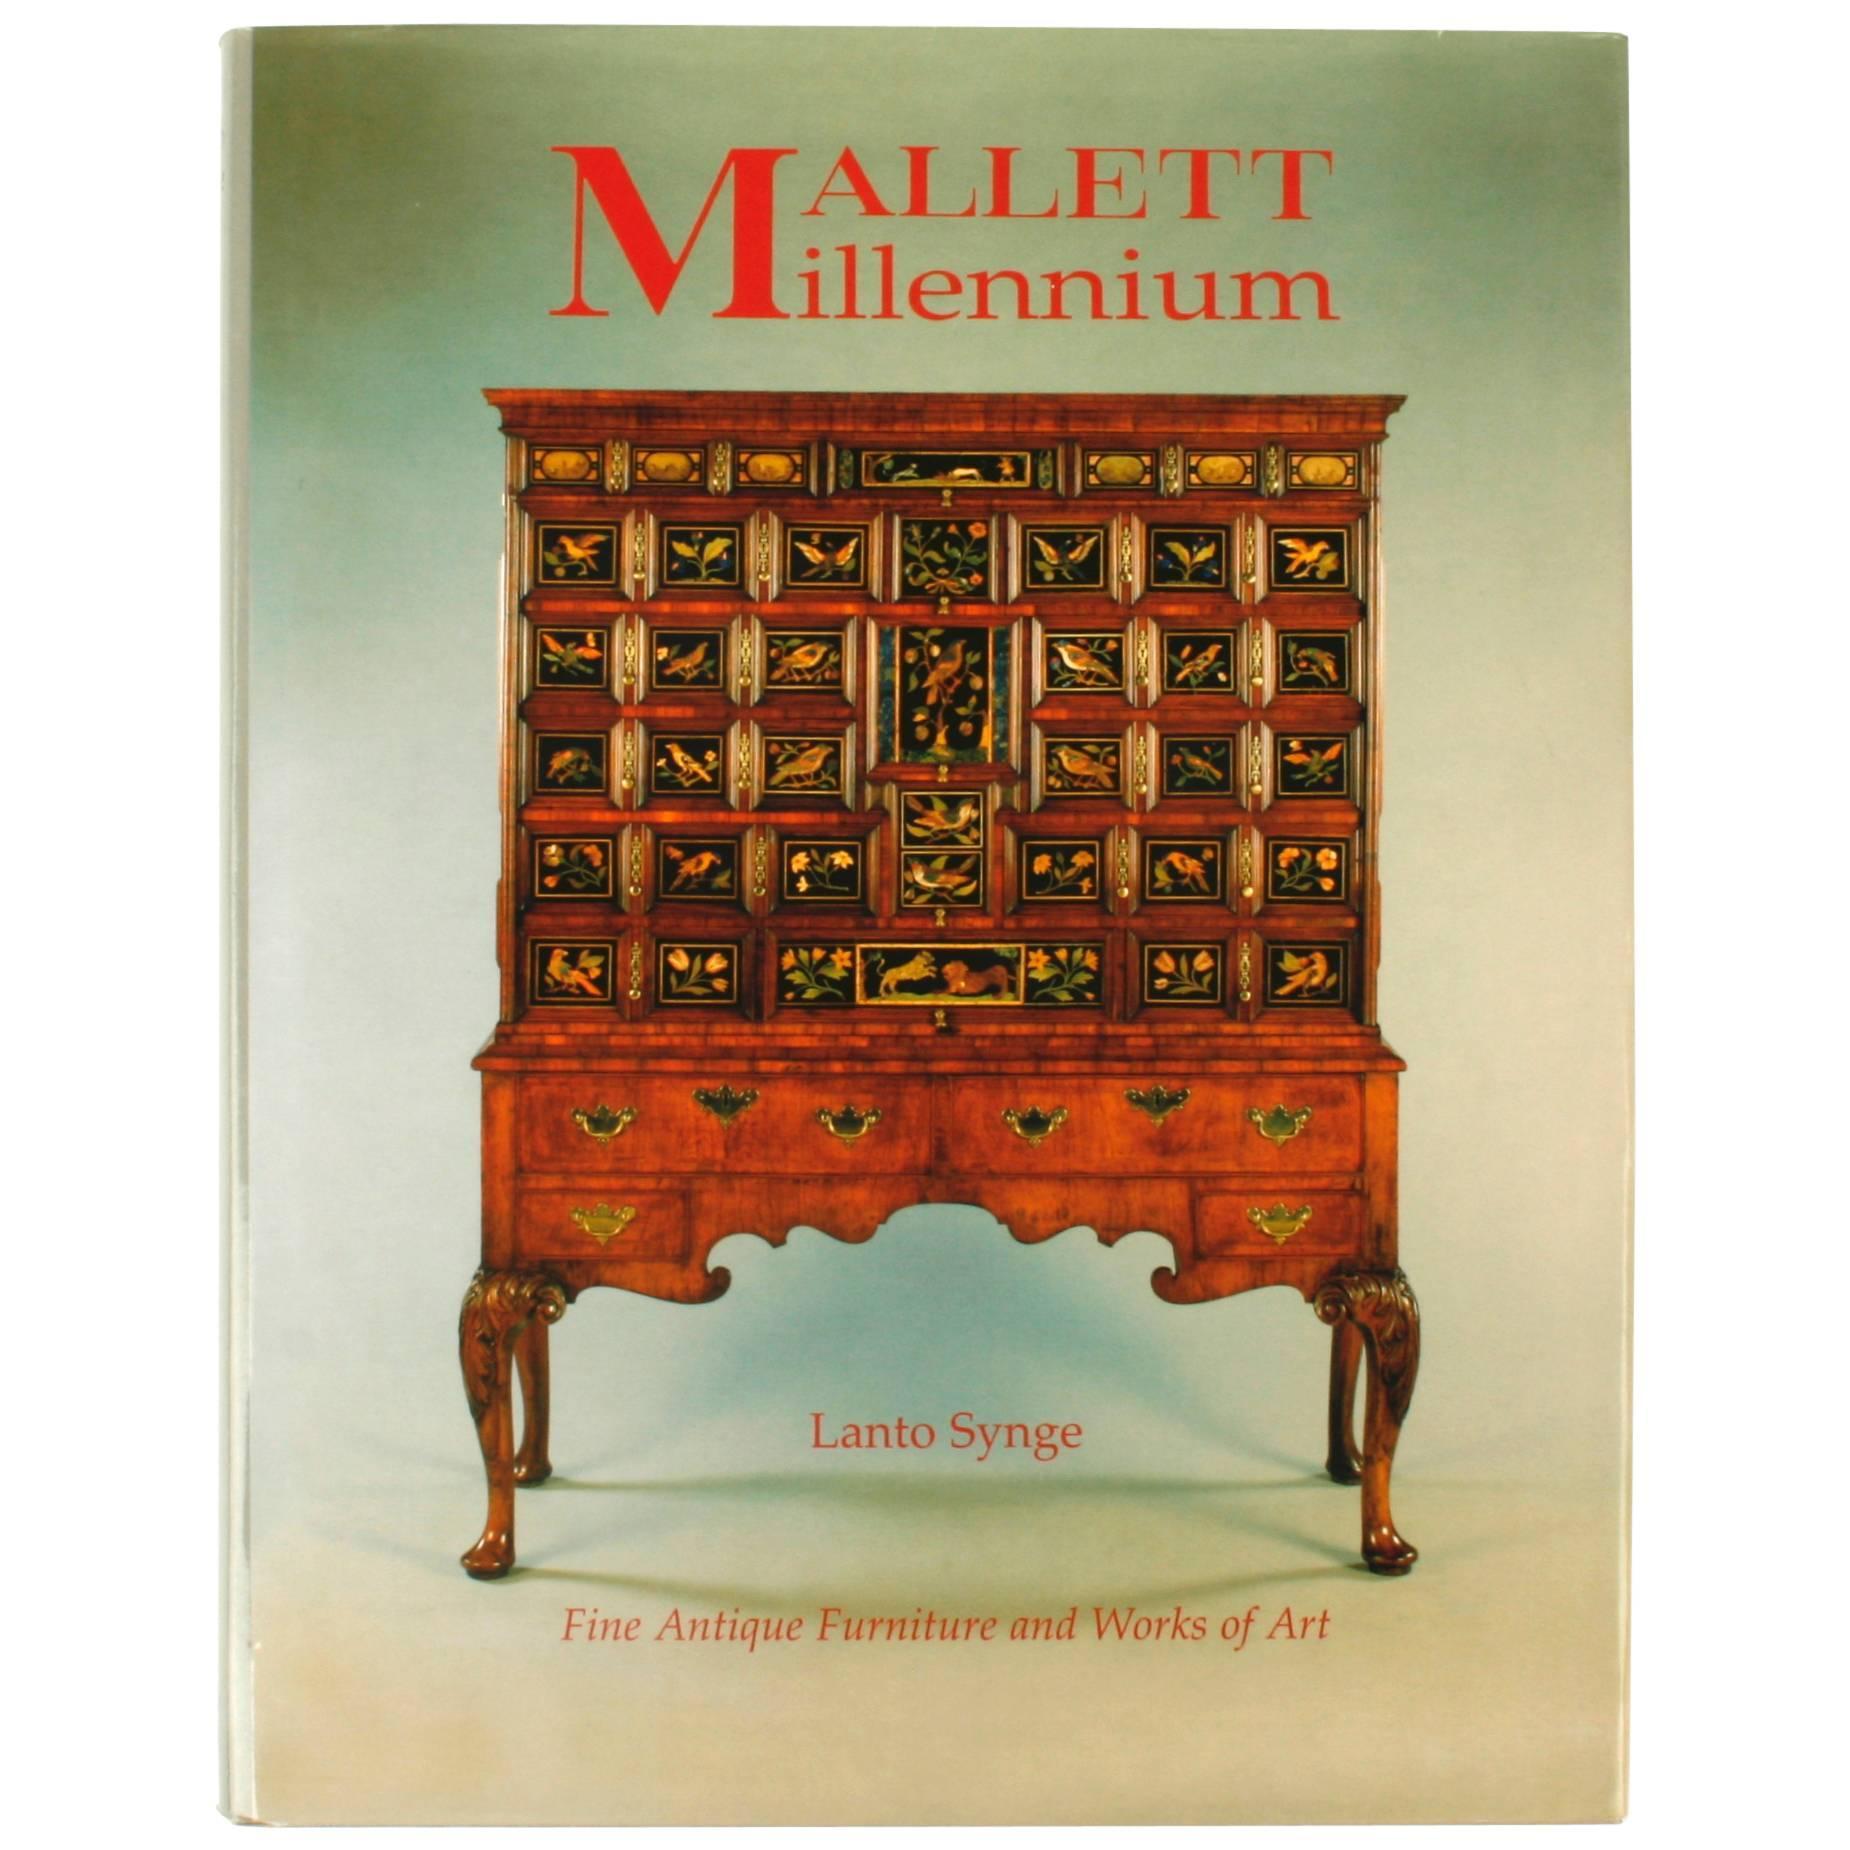 Mallett Millennium, Fine Antique Furniture and Works of Art, Lanto Synge